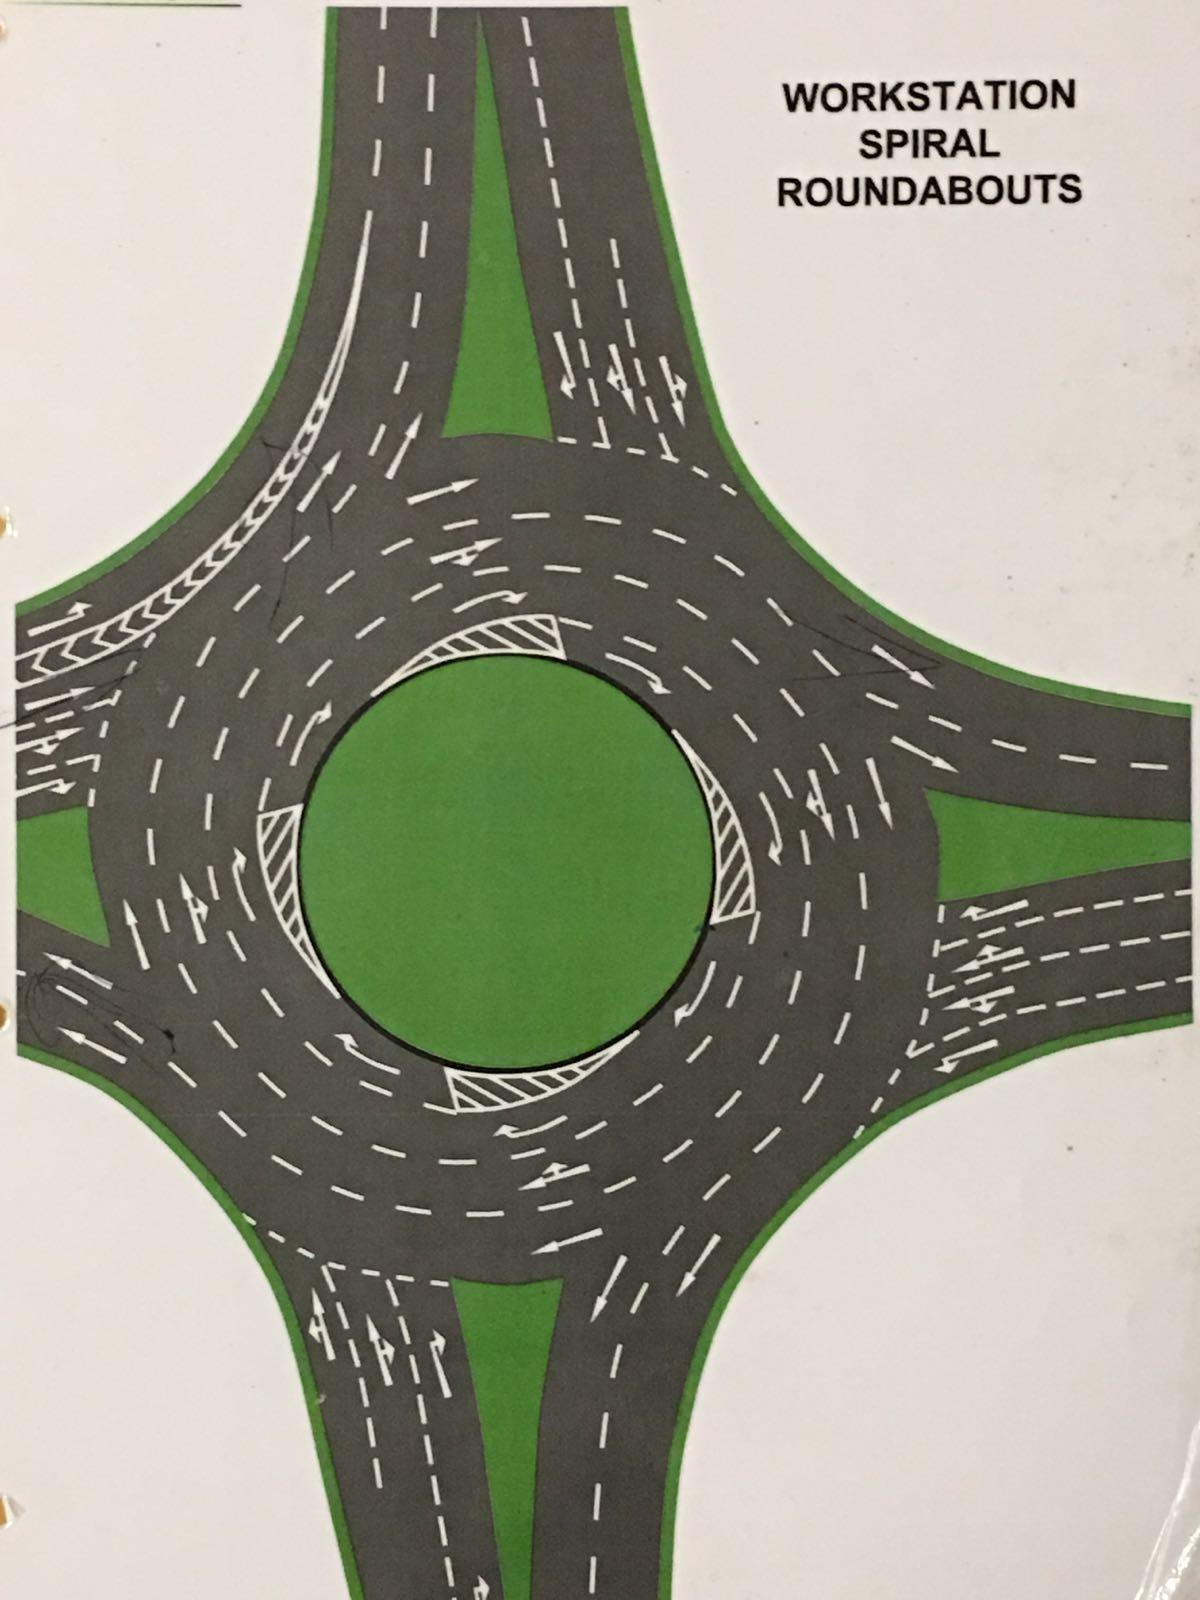 Roundabouts (3)